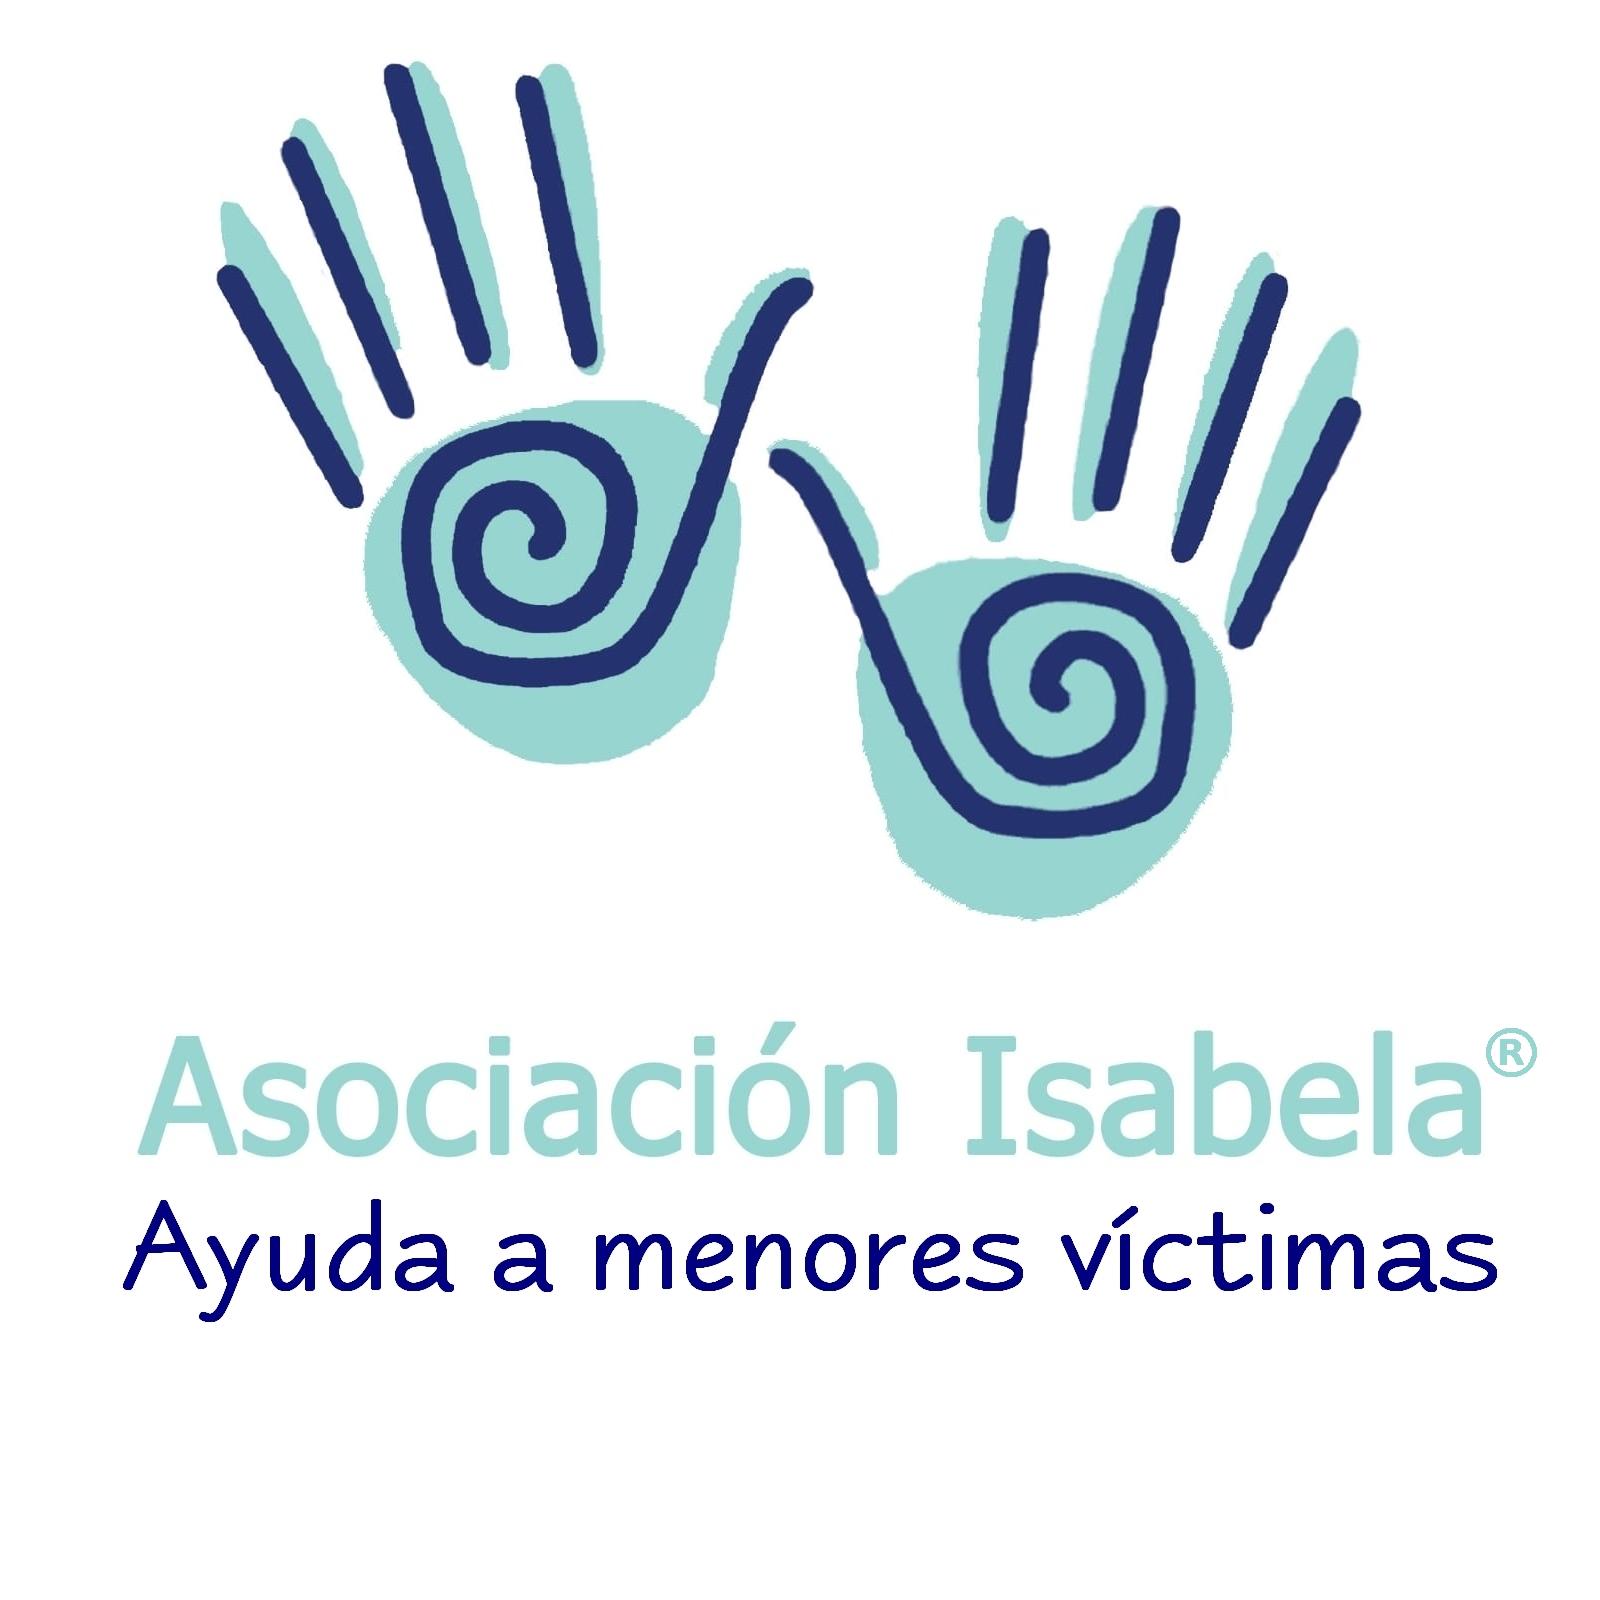 logo-asociacion-isabela